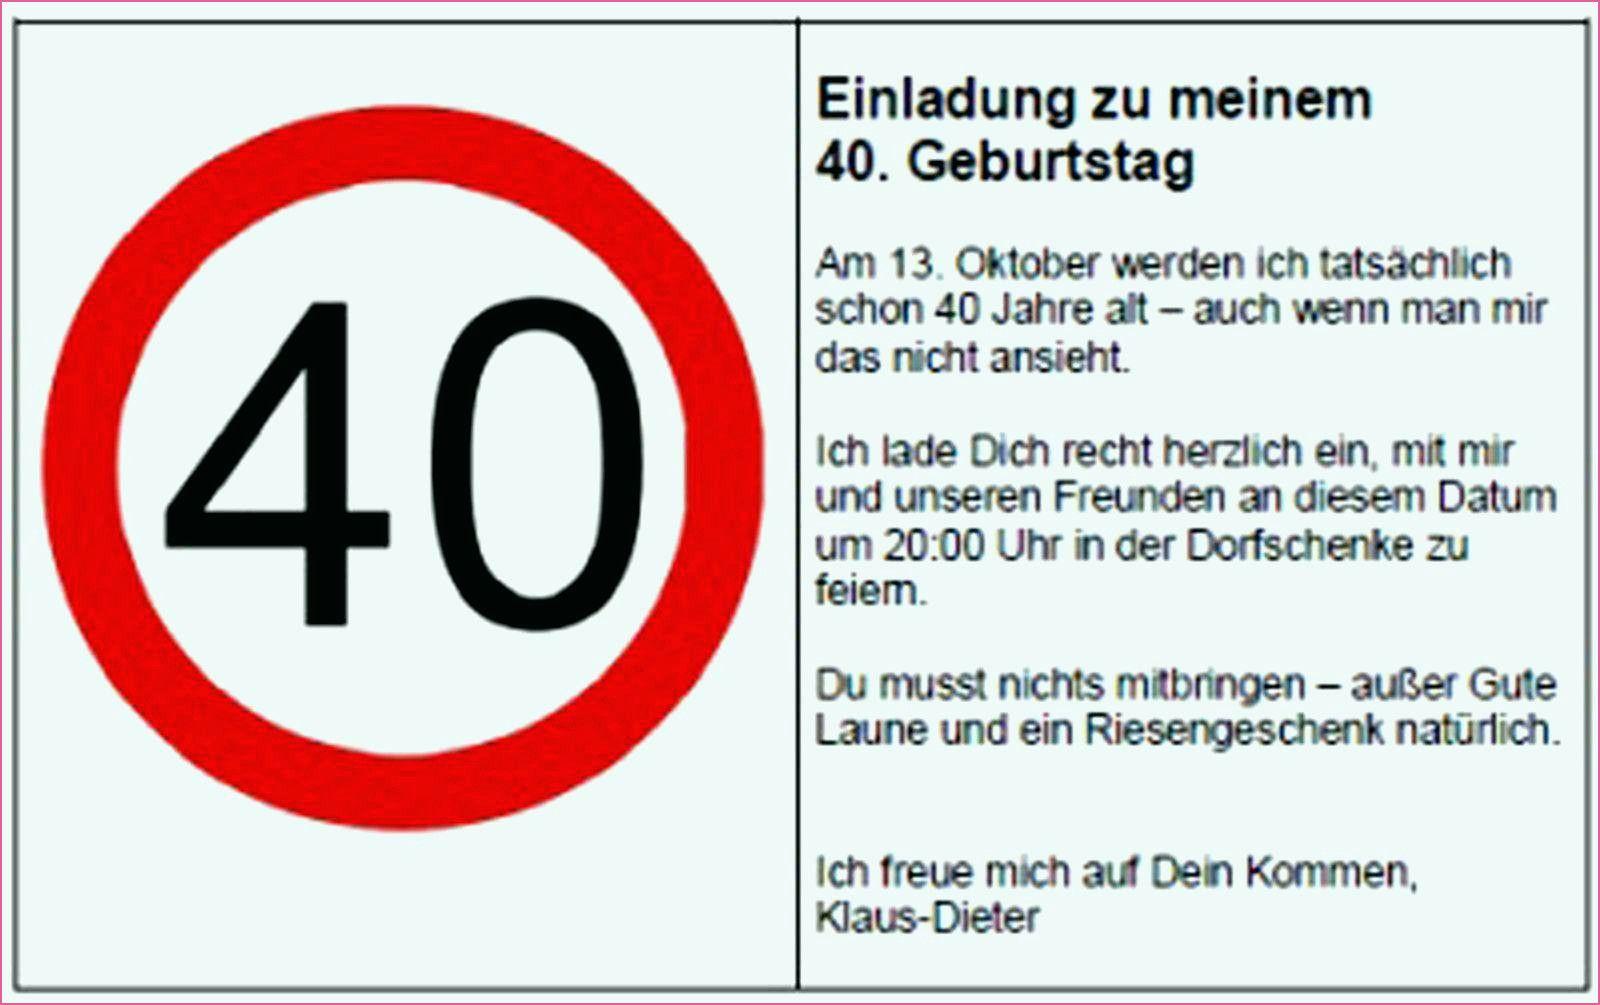 Einladung Zum 40 Geburtstag Gratis Karten